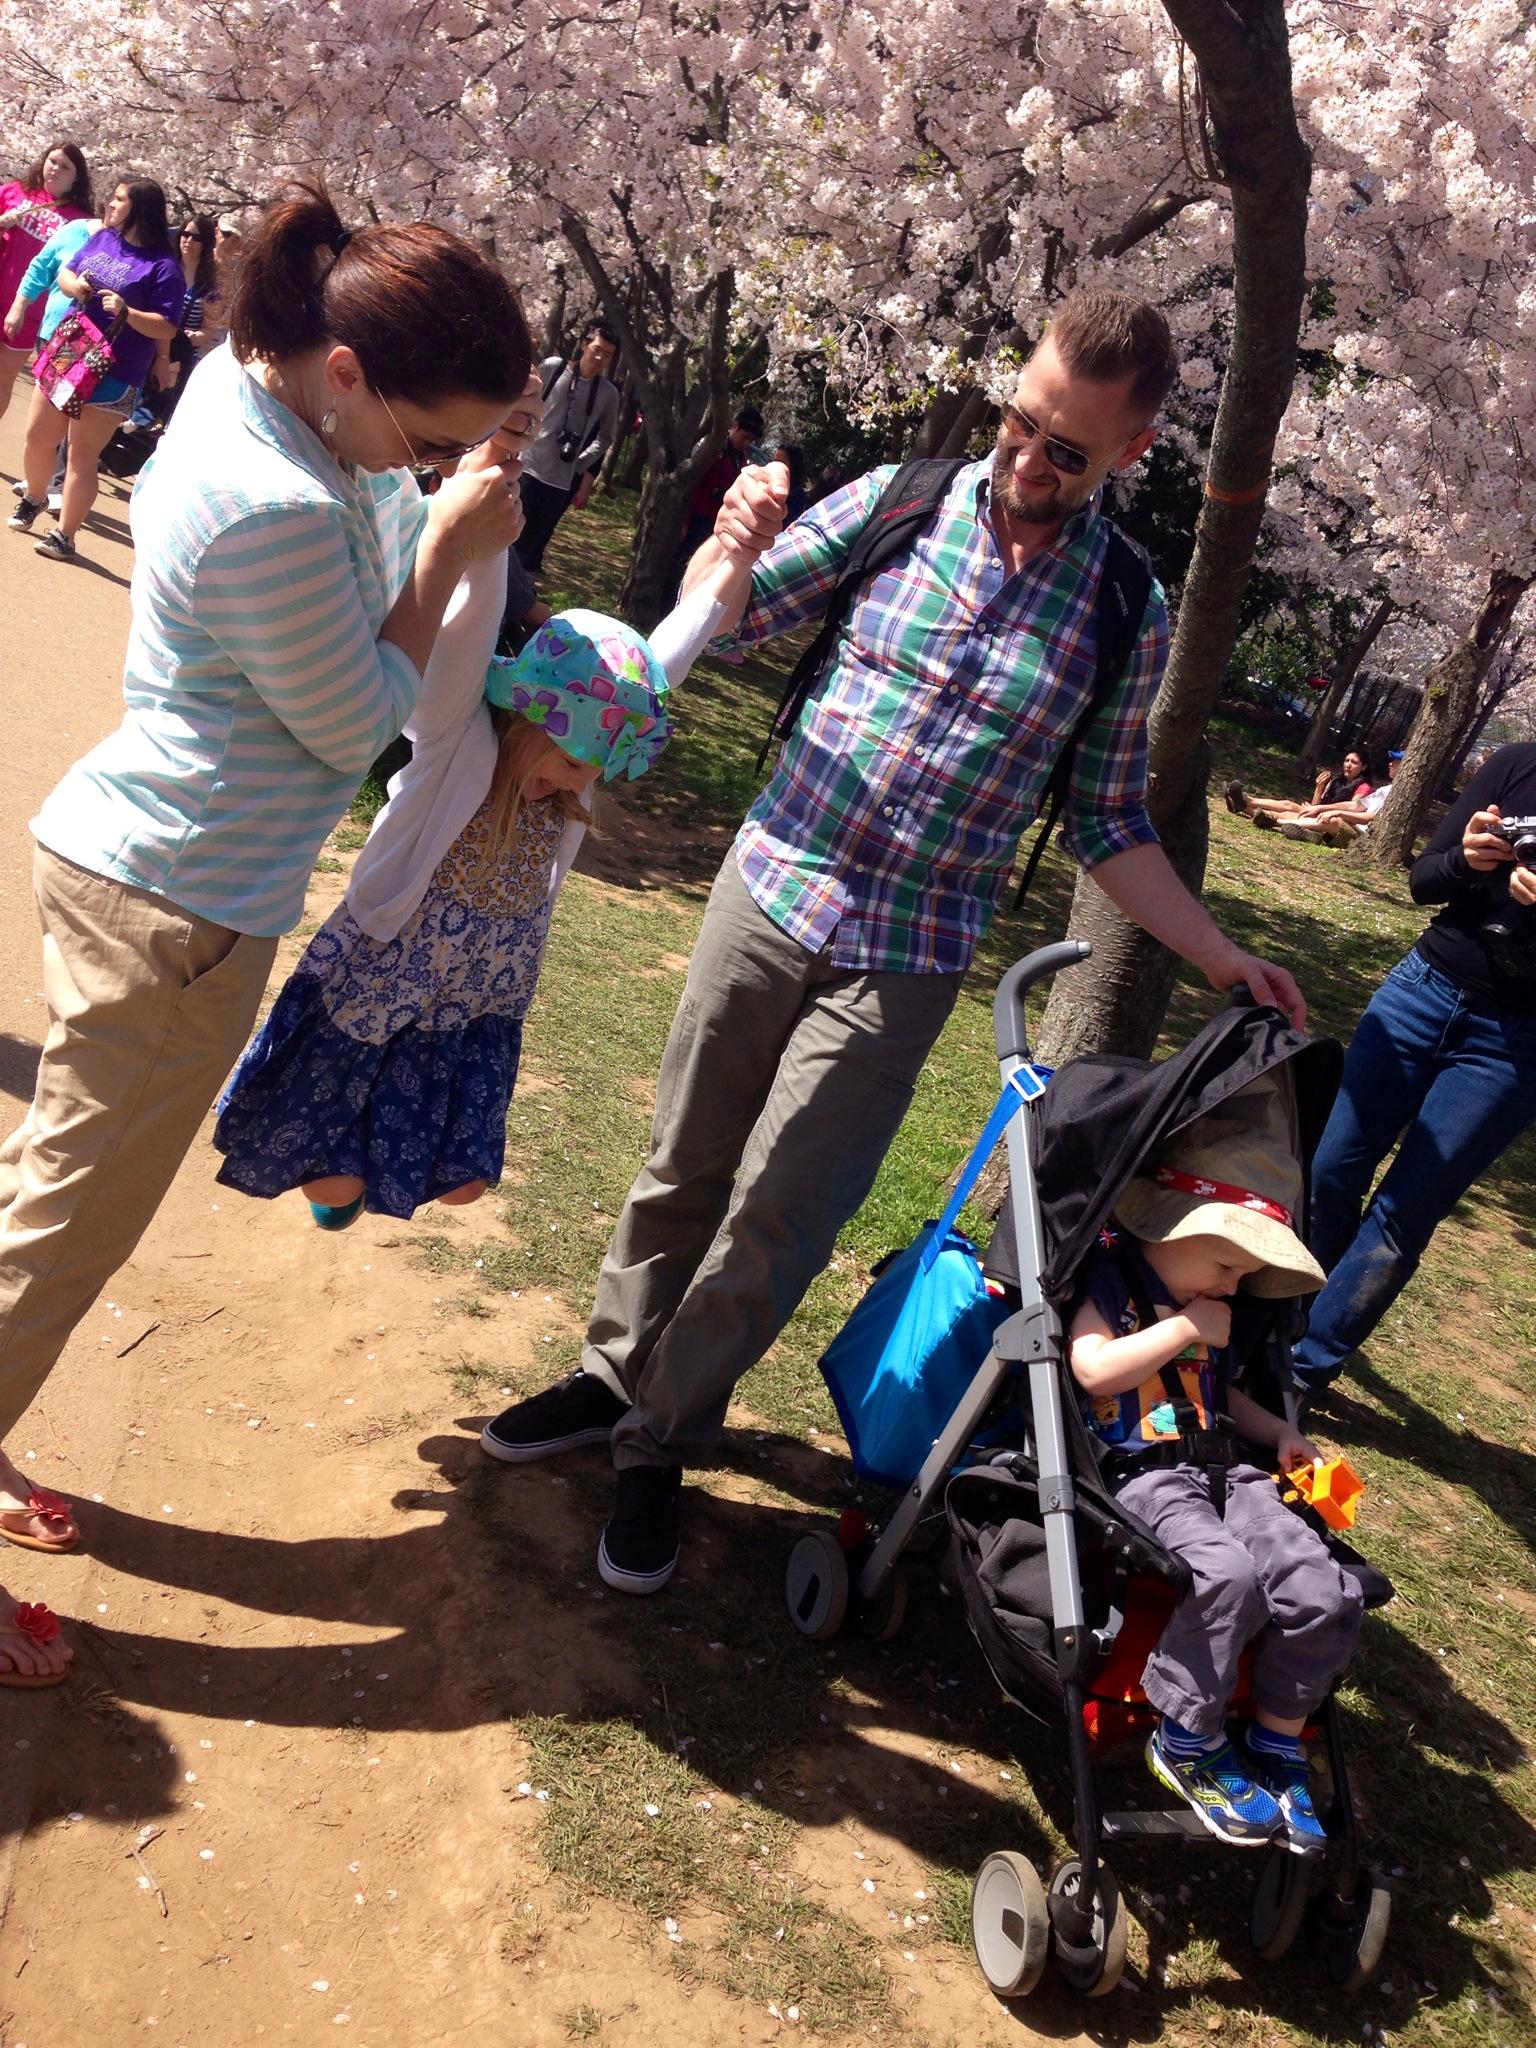 Logan, de 5 anos, Declem, de 2 anos, e os pais, Colleen e Mark: família da Virgínia